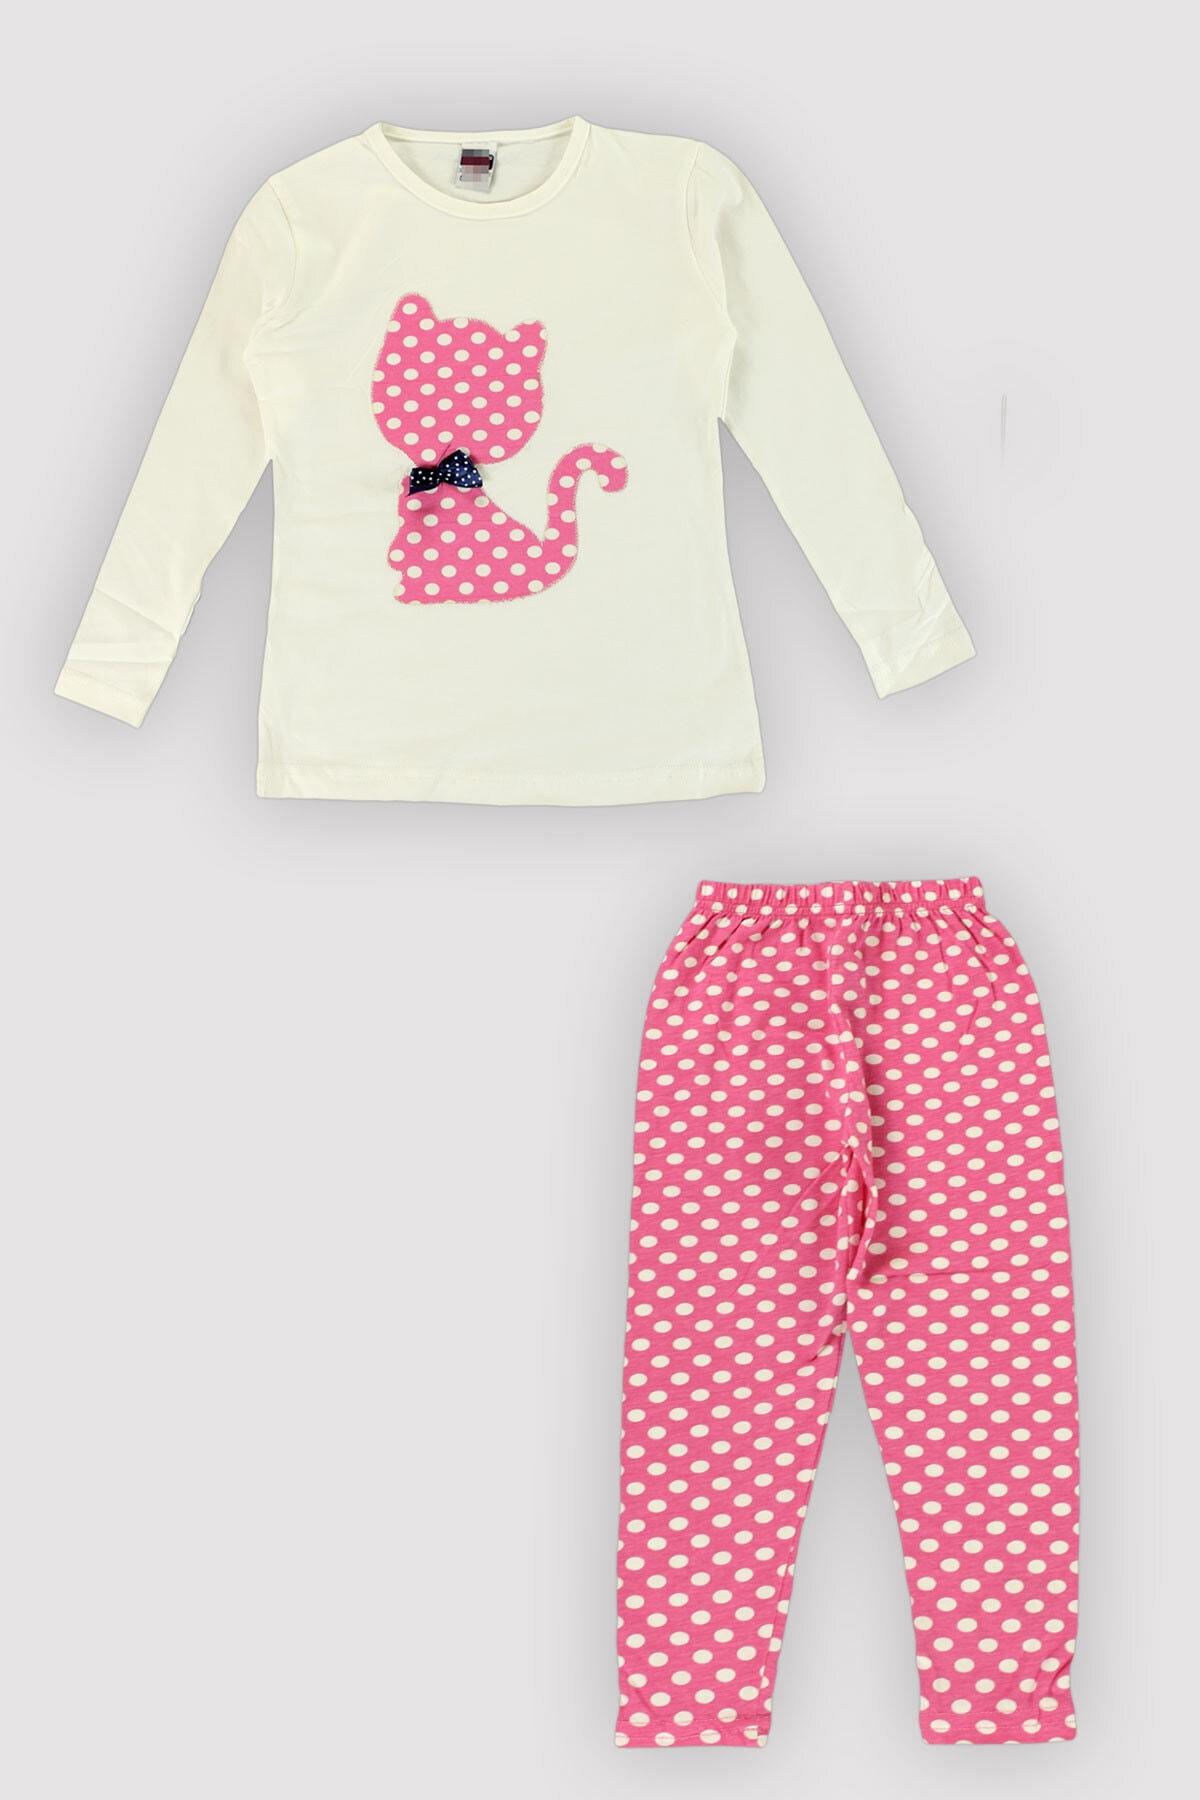 Peki 4 Mevsim Kız Çocuk Likralı Karışık Renk-nakış Puanlı Taytlı Takım 12343 1